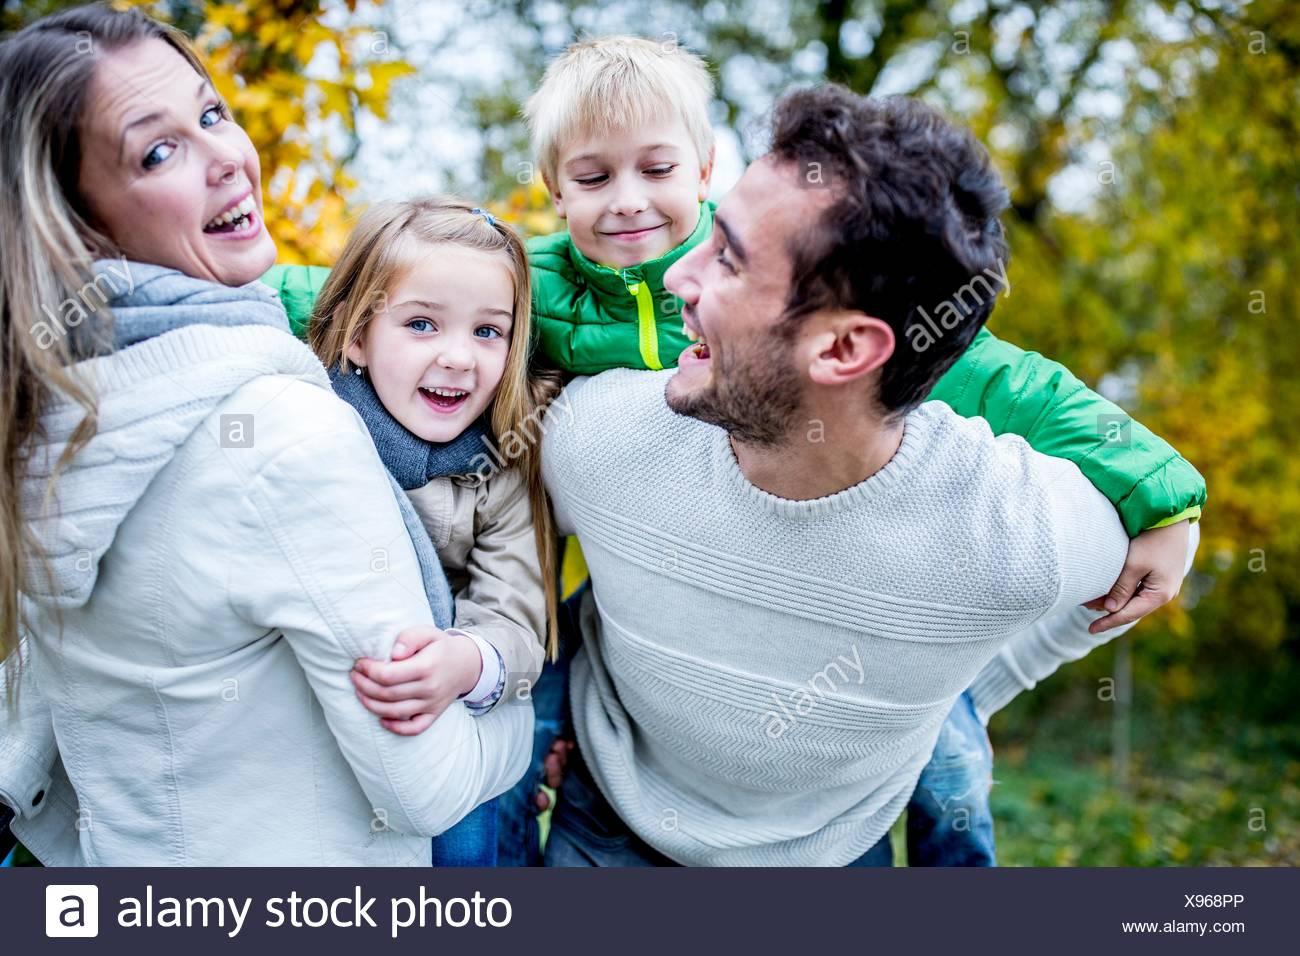 -MODELL VERÖFFENTLICHT. Eltern tragen ihre Kinder im Herbst, lachen. Stockfoto